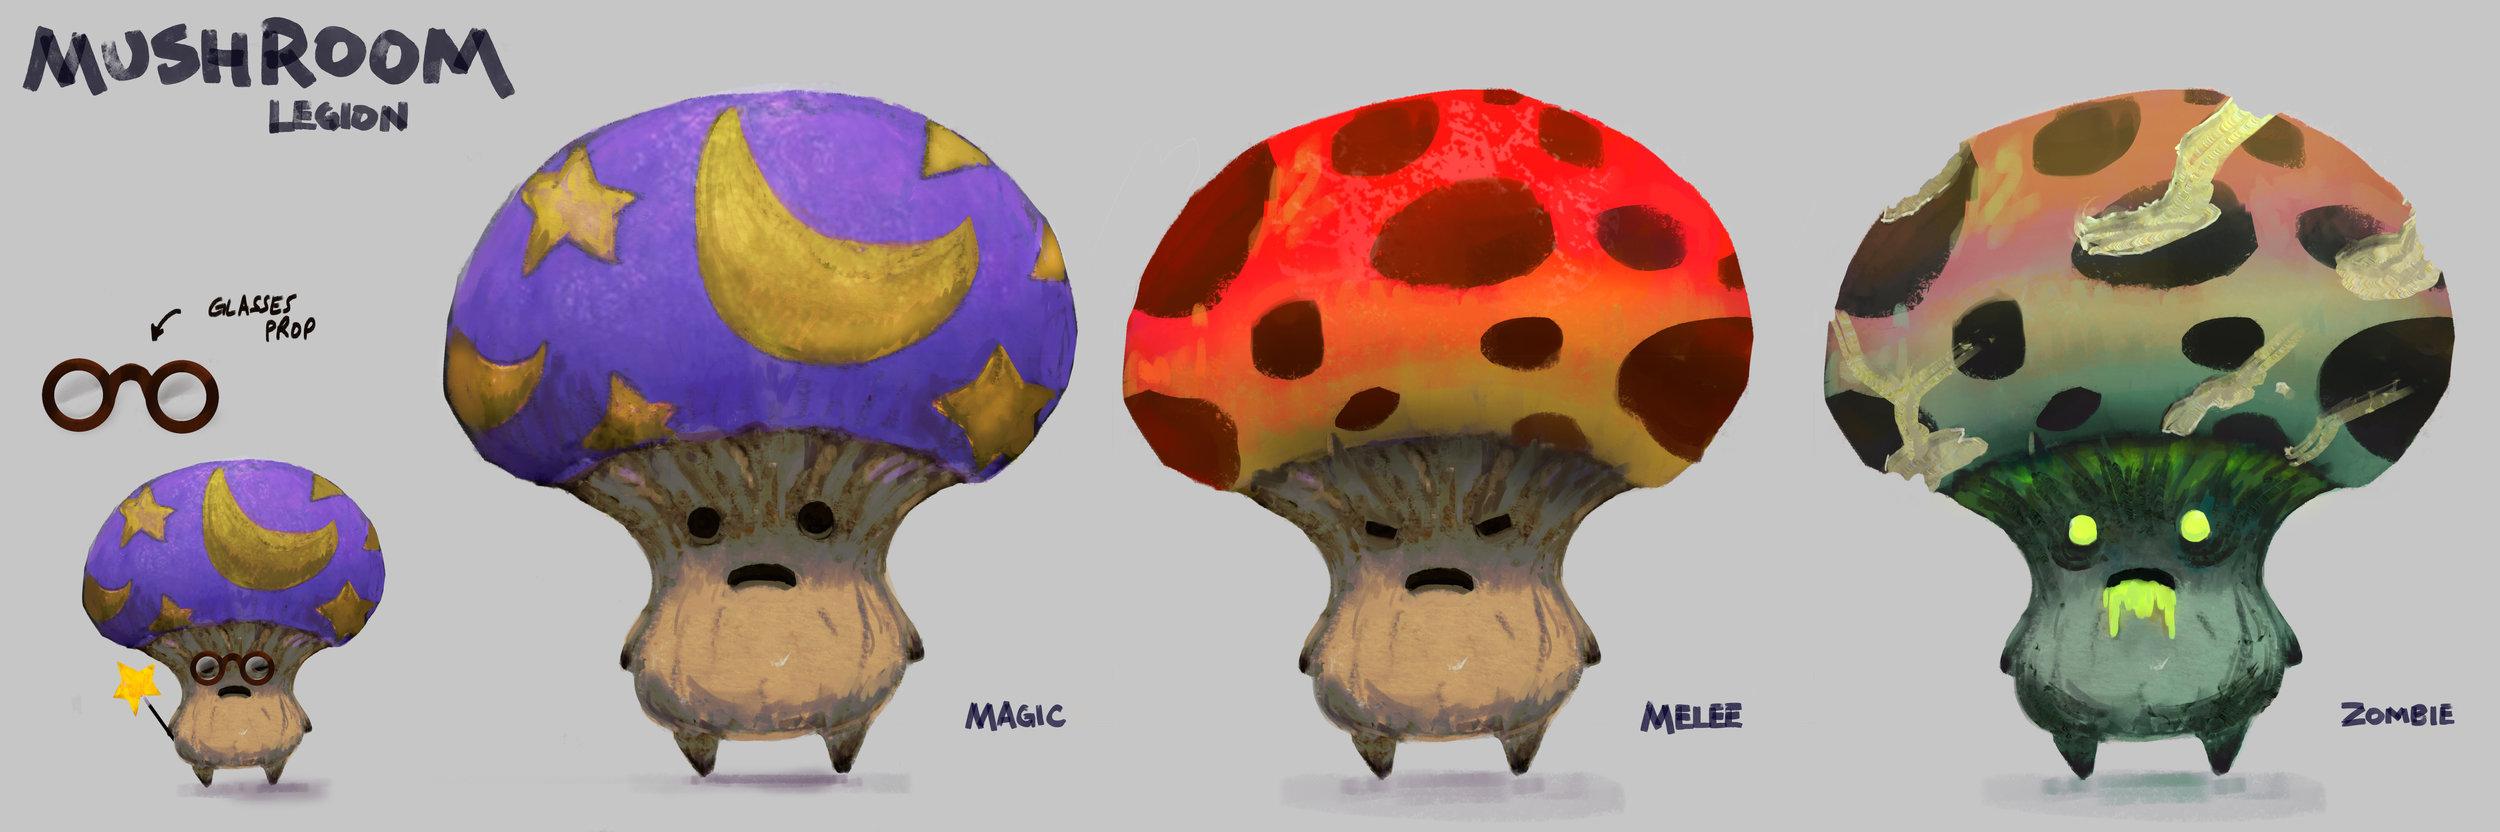 mushroom_legion.jpg